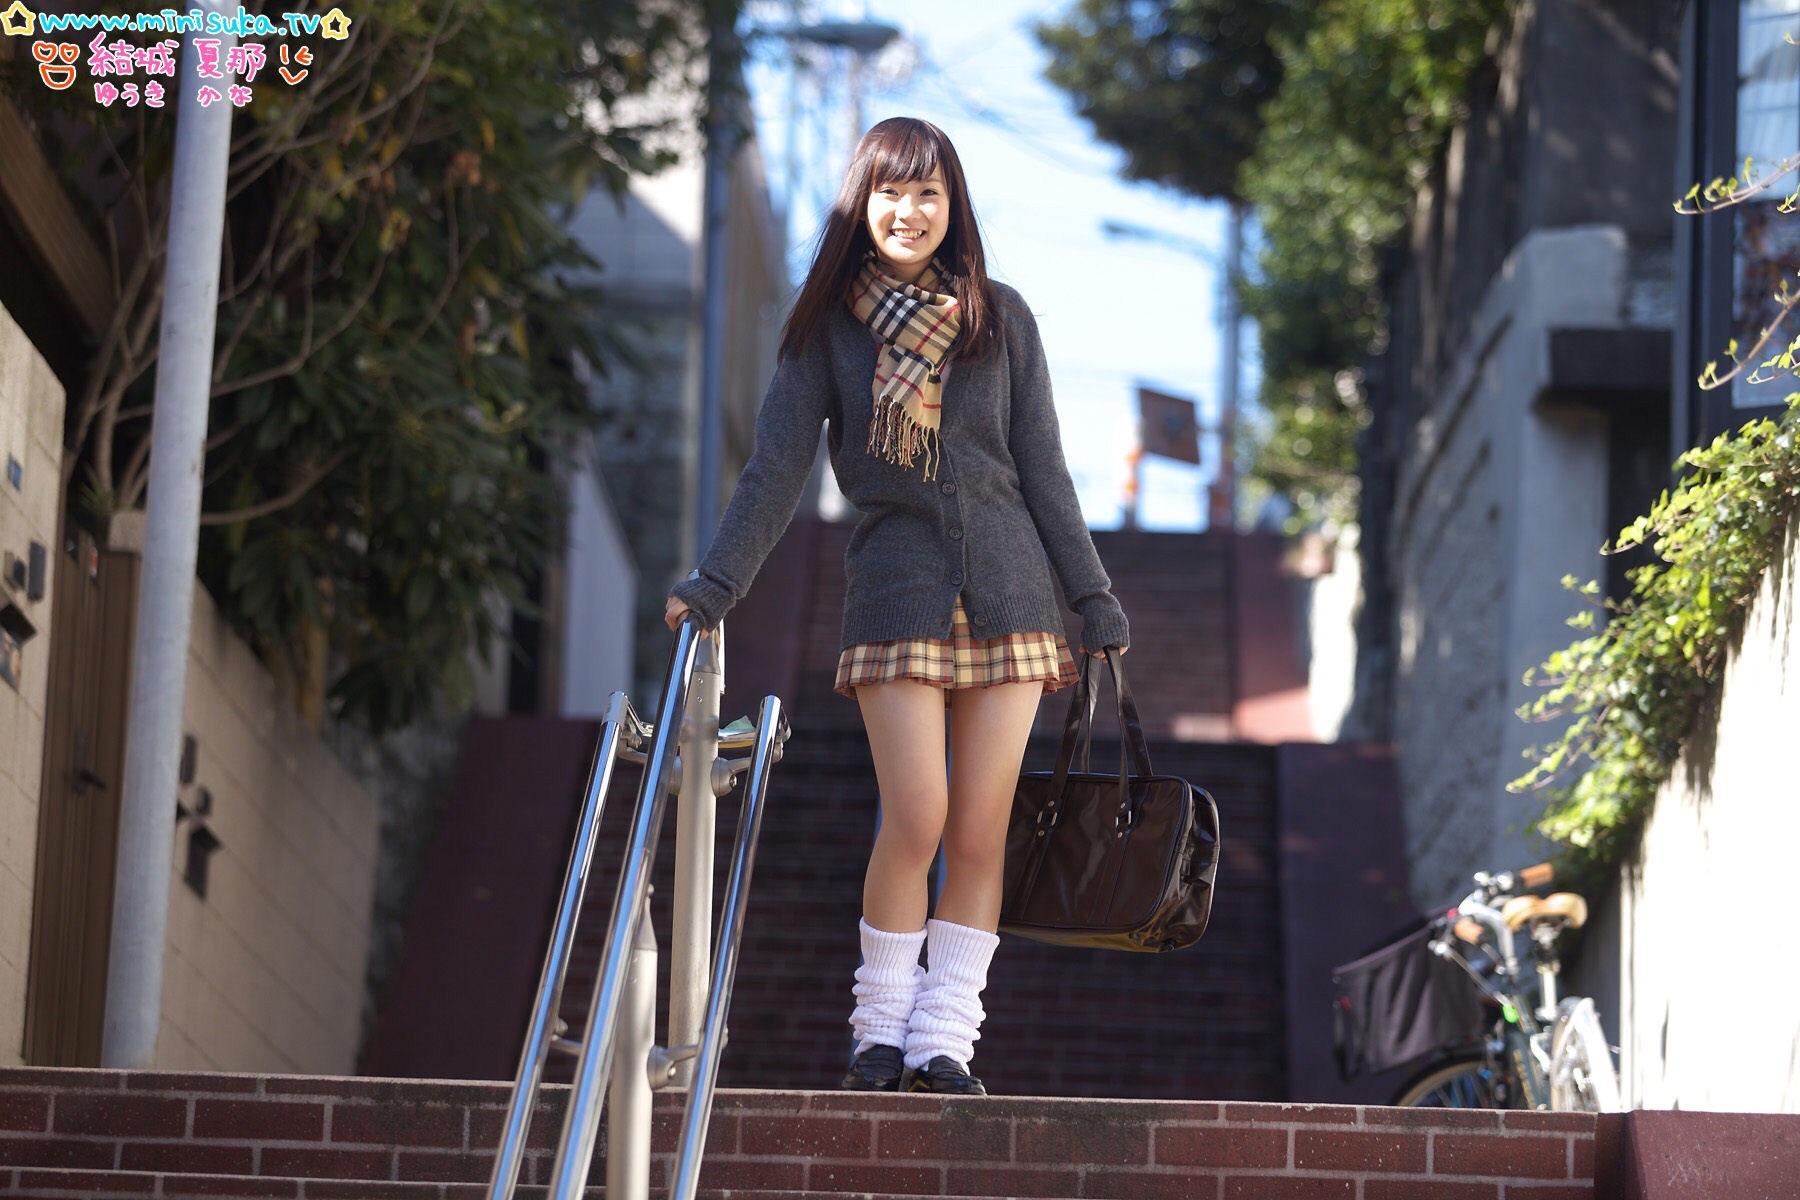 三次元 3次元 エロ画像 JK 女子校生 ルーズソックス べっぴん娘通信 05